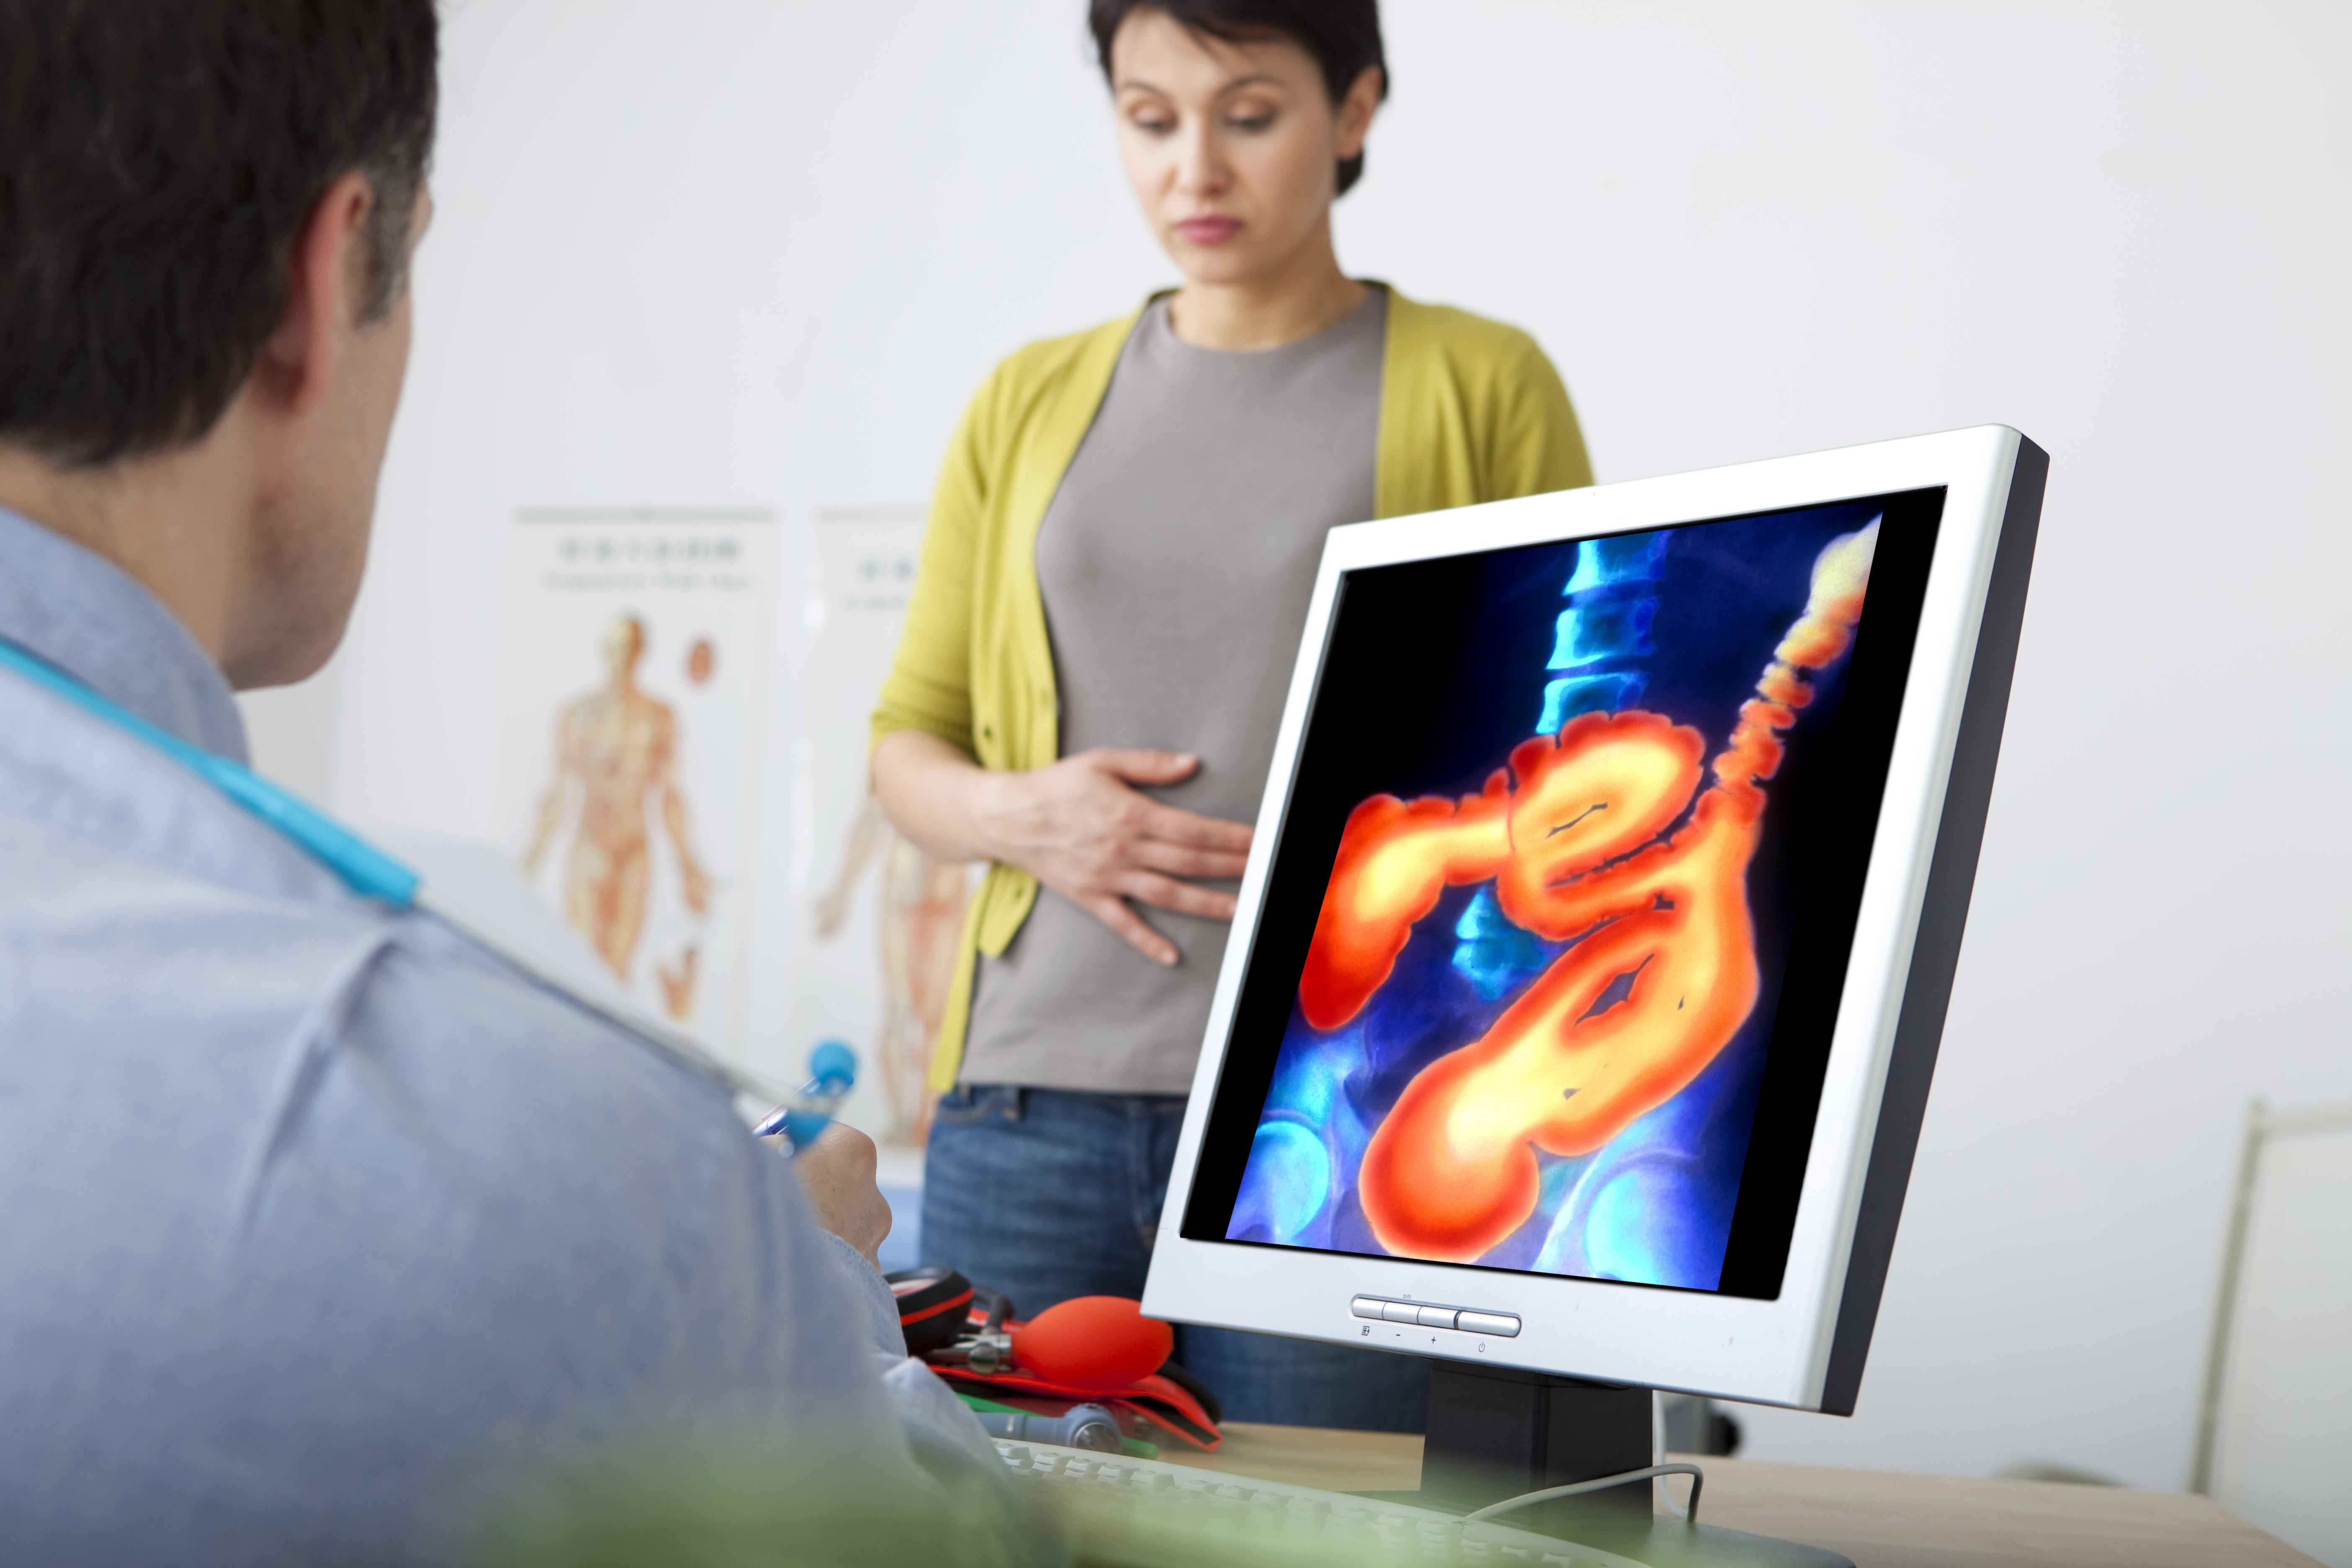 Det är viktigt att våga prata med sin läkare om sina magproblem för att kunna få rätt behandling.